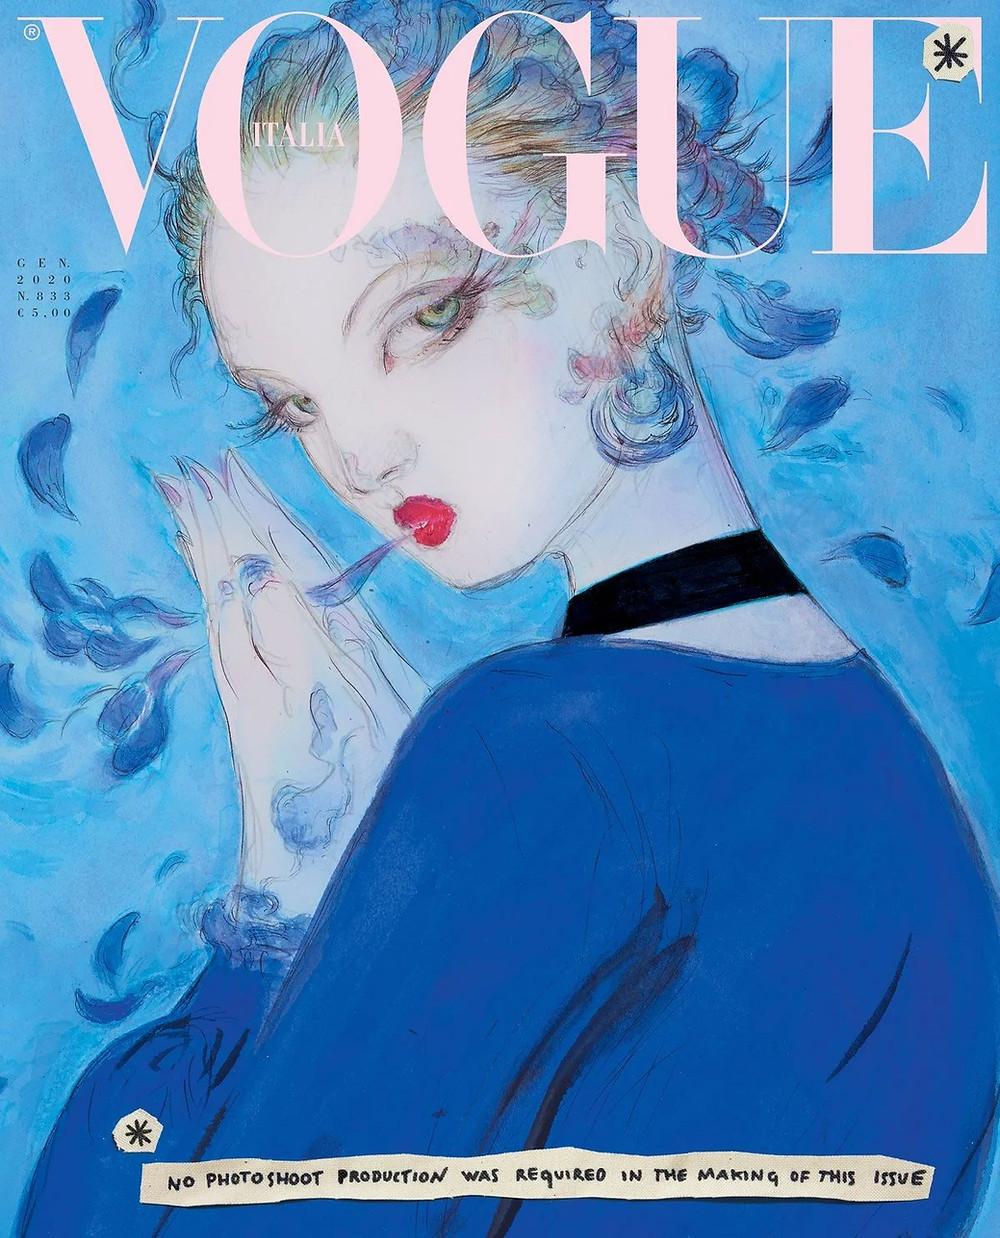 [Yoshitaka Amano, Vogue Italia]